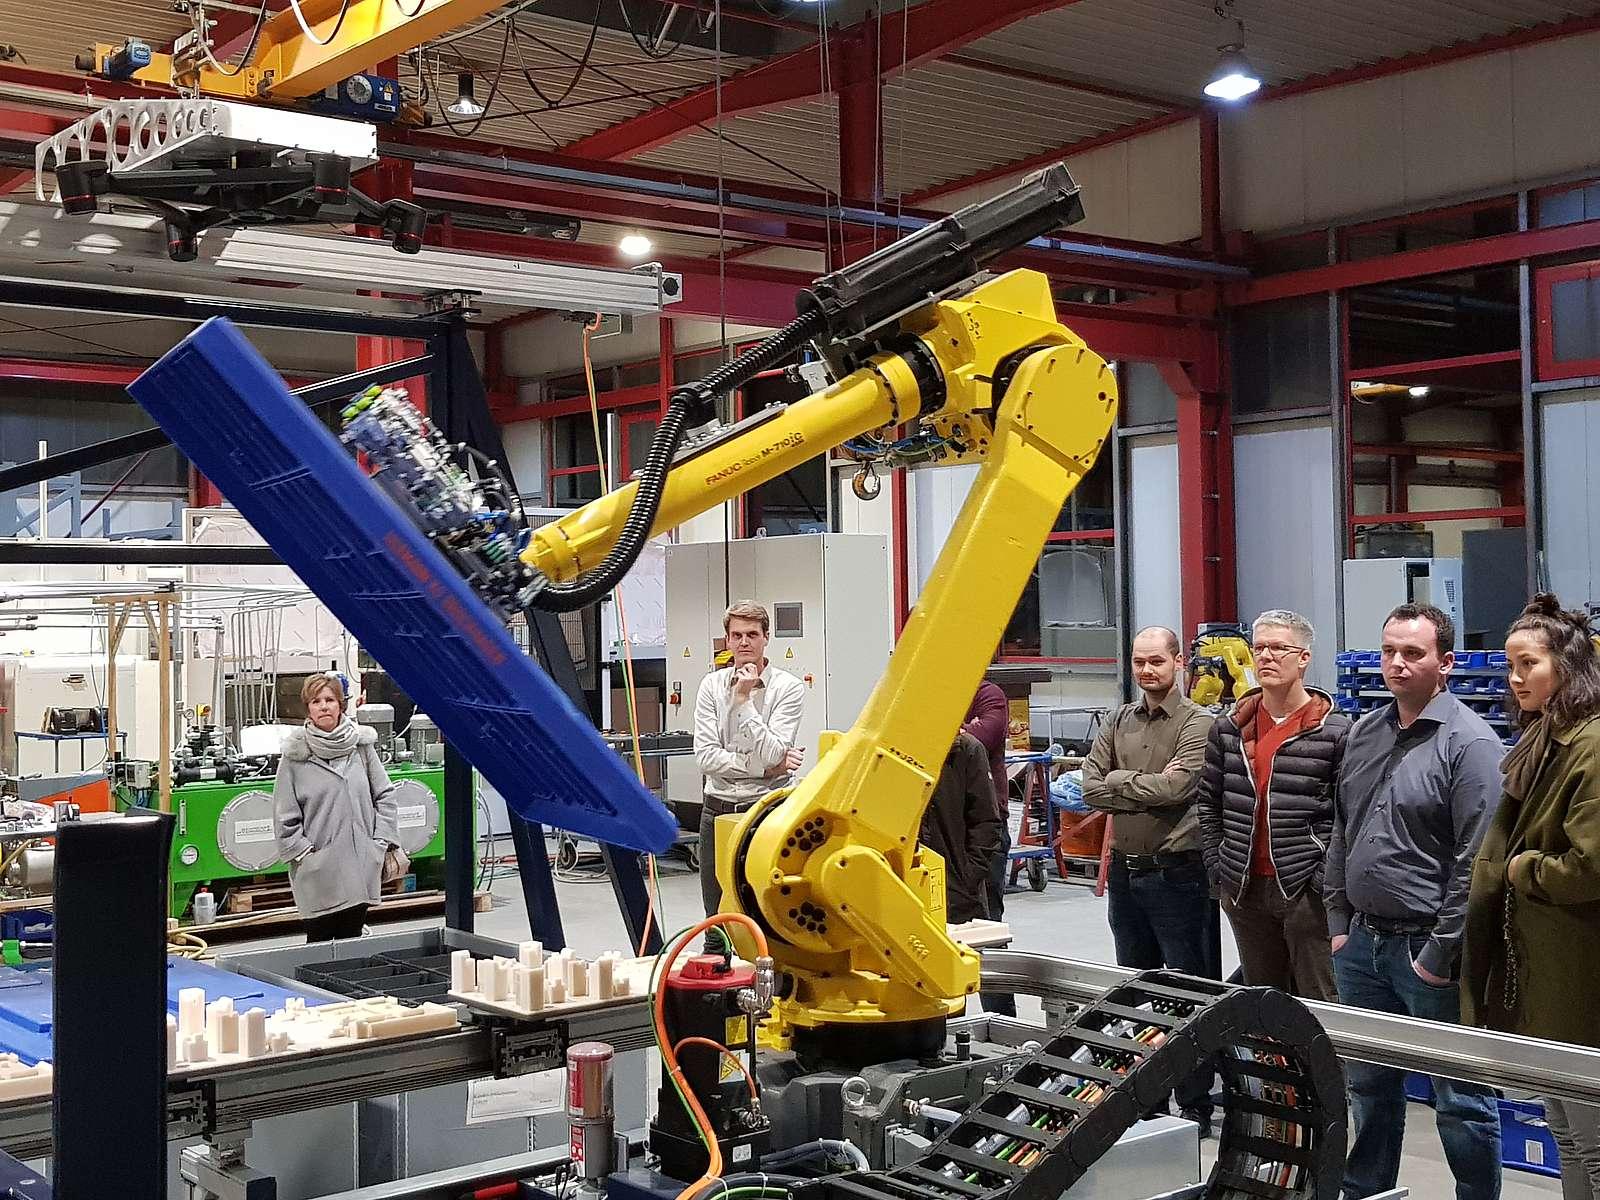 Automatisierungstechnik bei Rotte